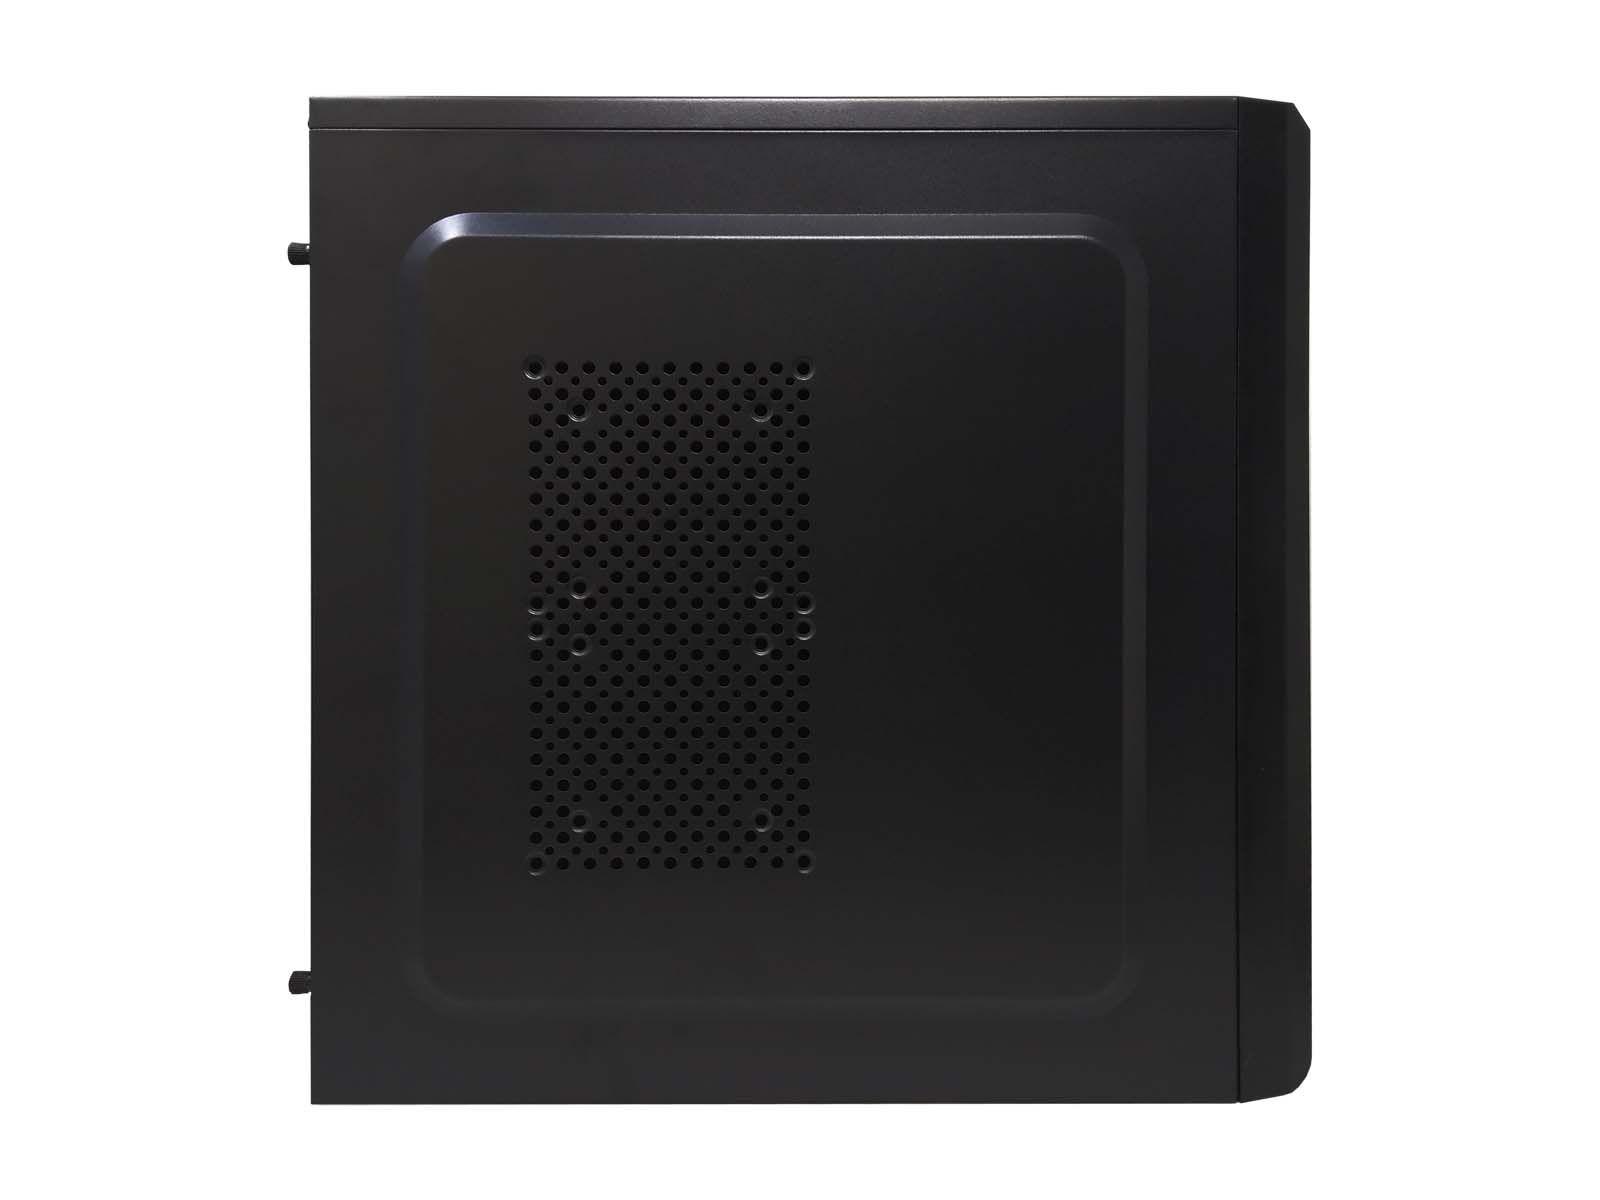 Gabinete Sem Fonte Básico Padrão ATX Preto - Bluecase BG-2523